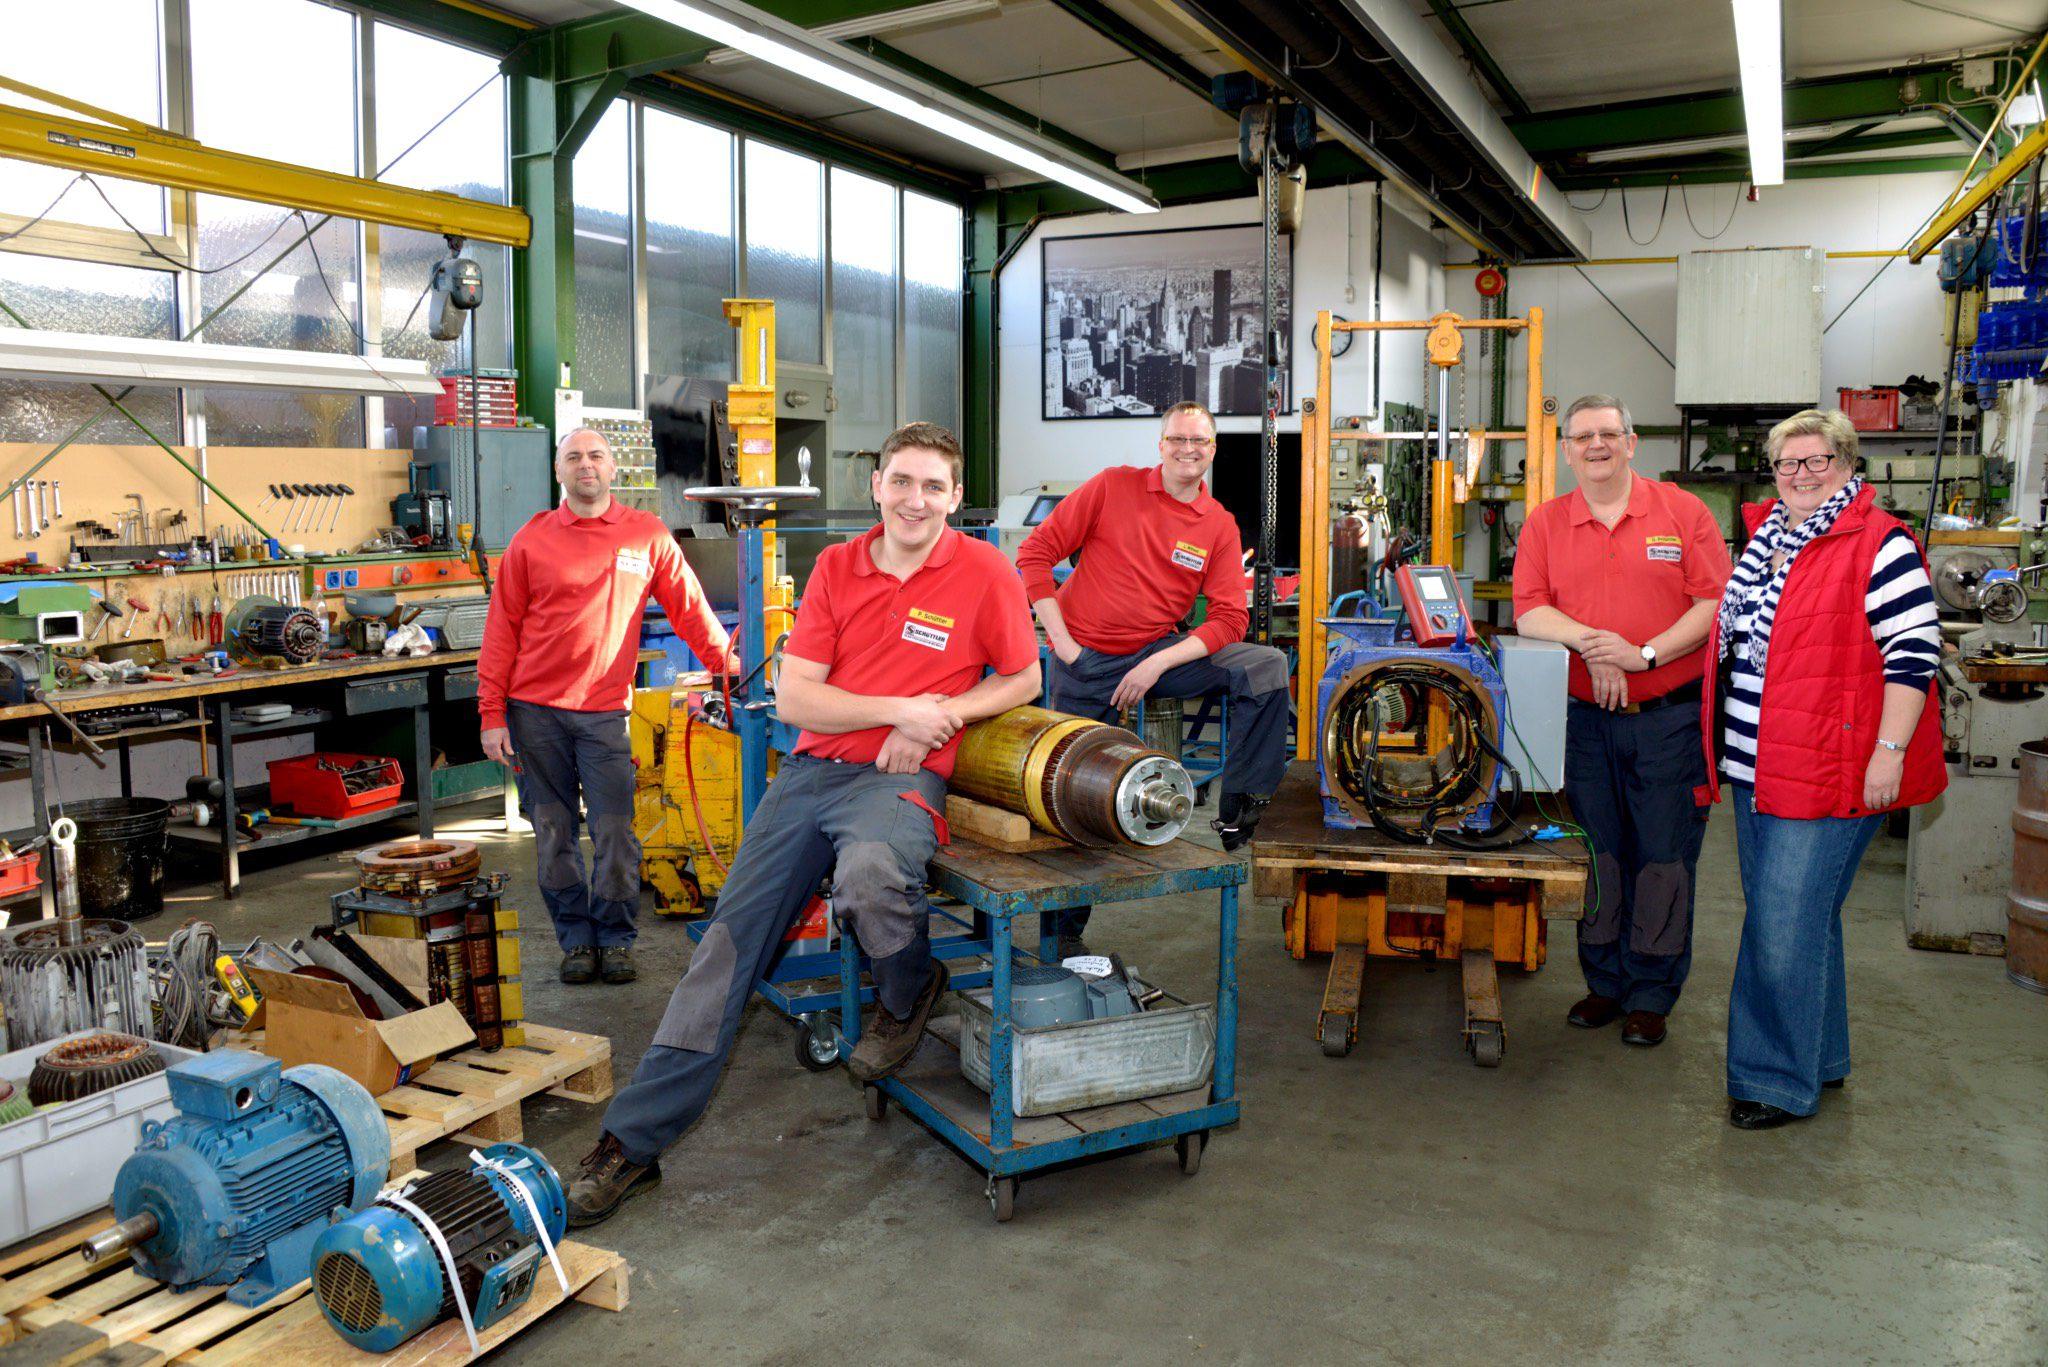 Unser Team – Schüttler Elektro in Attendorn